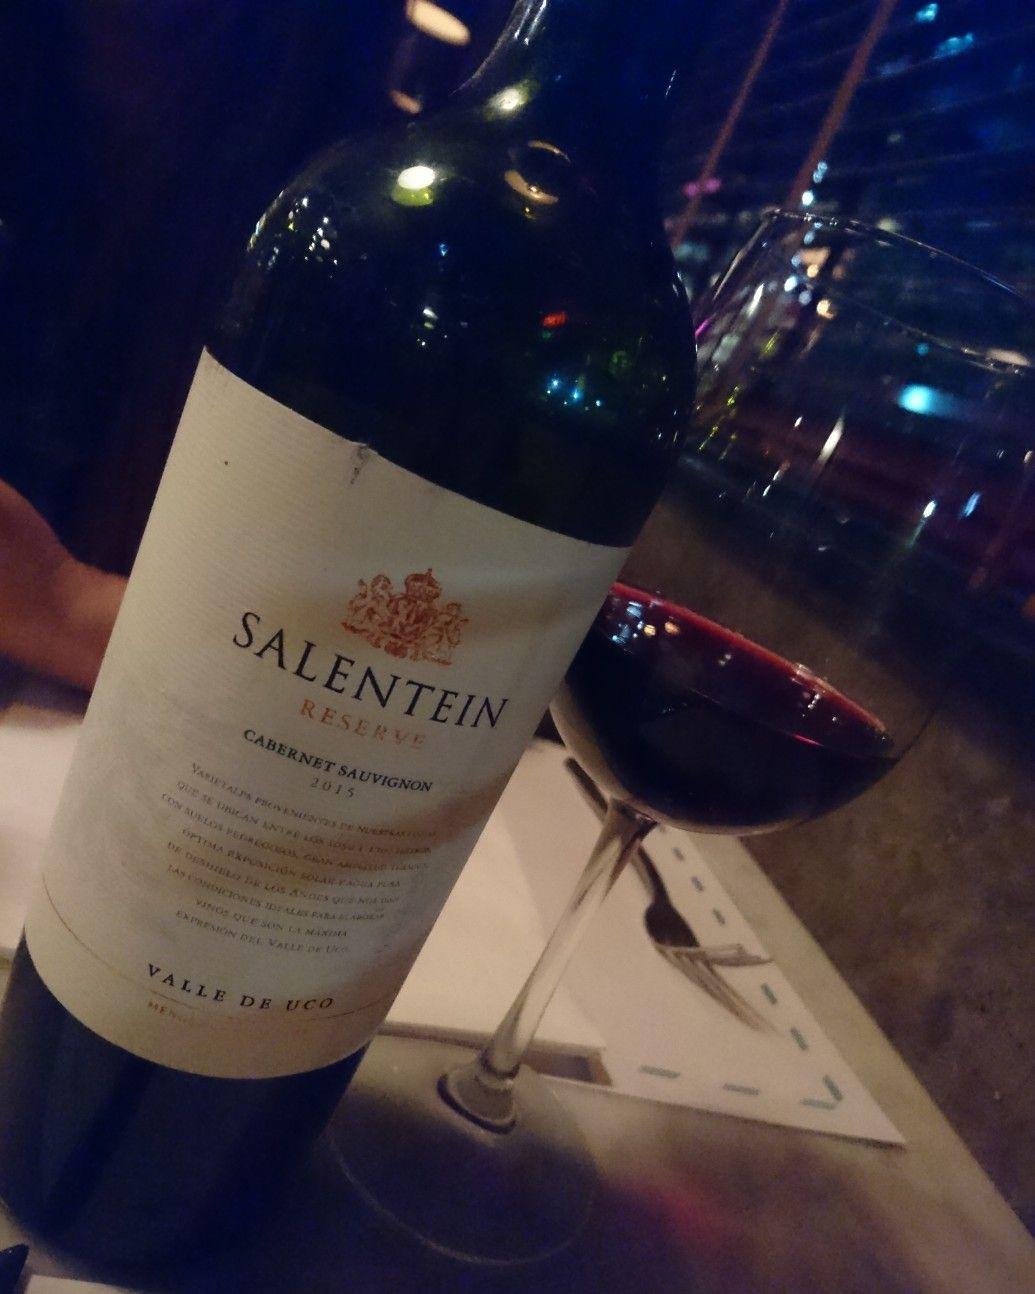 Salentein Malbec Recetas